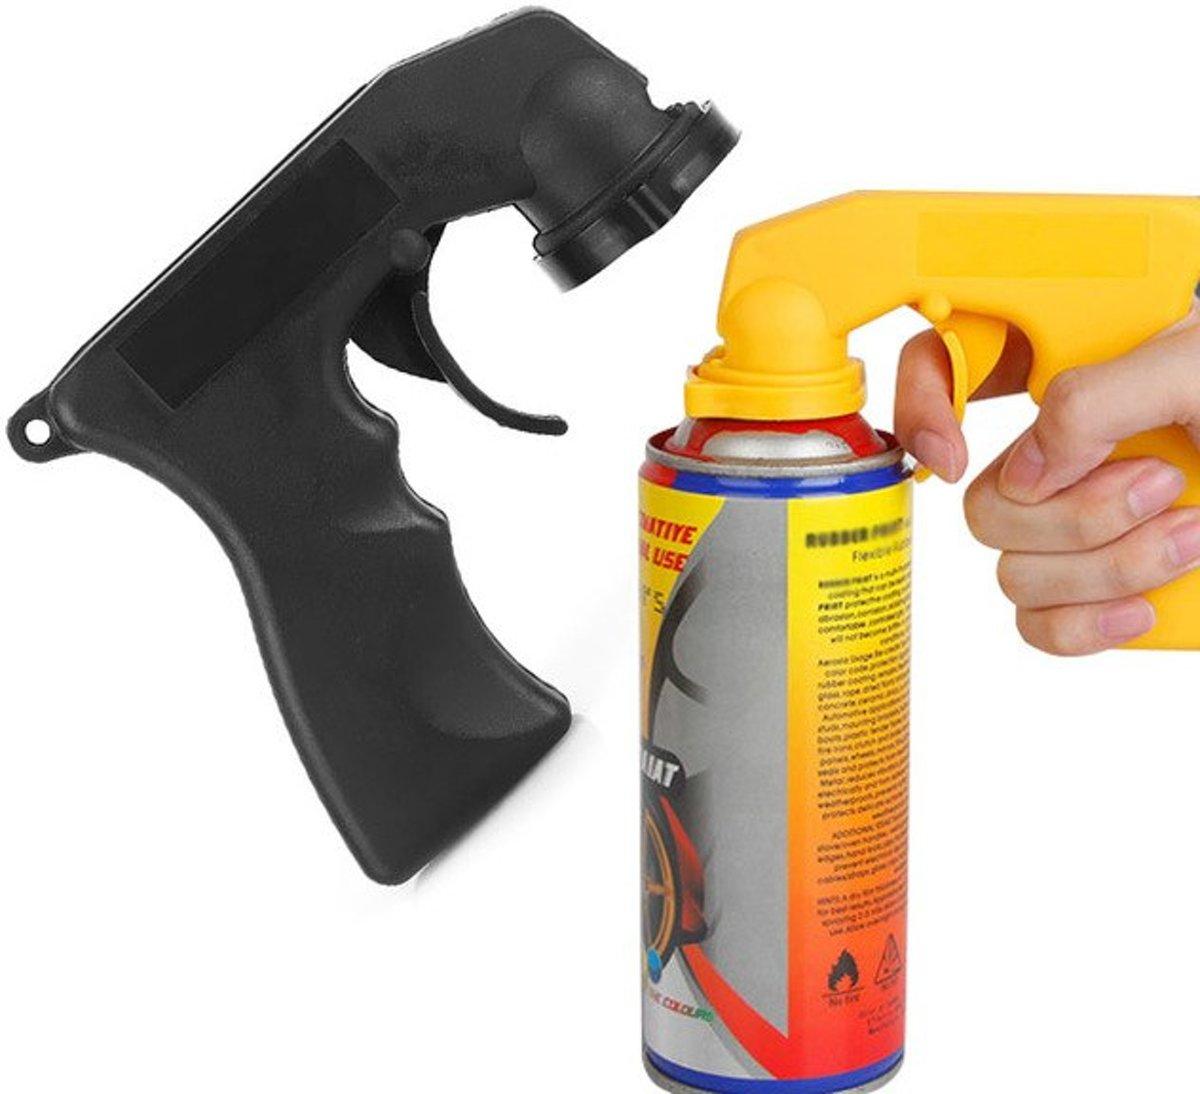 2 x SOL Spuitbus Pistool - Spuitpistool - Ergonomische Vormgeving - Spuiten met Precisie - Voordeelset - Zwart kopen